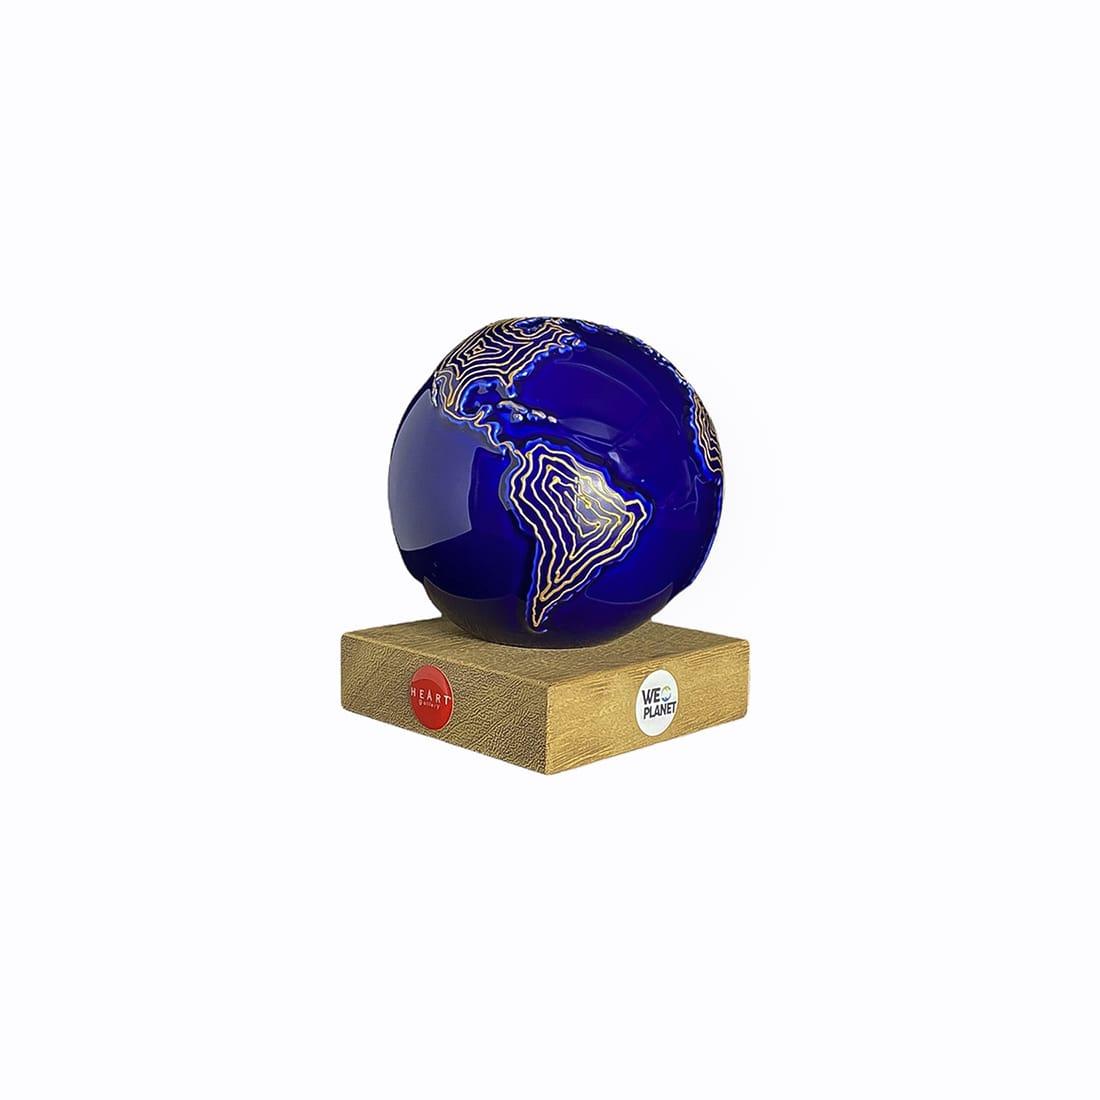 mappamondo design ceramica blu con isoipse dorate in rilievo